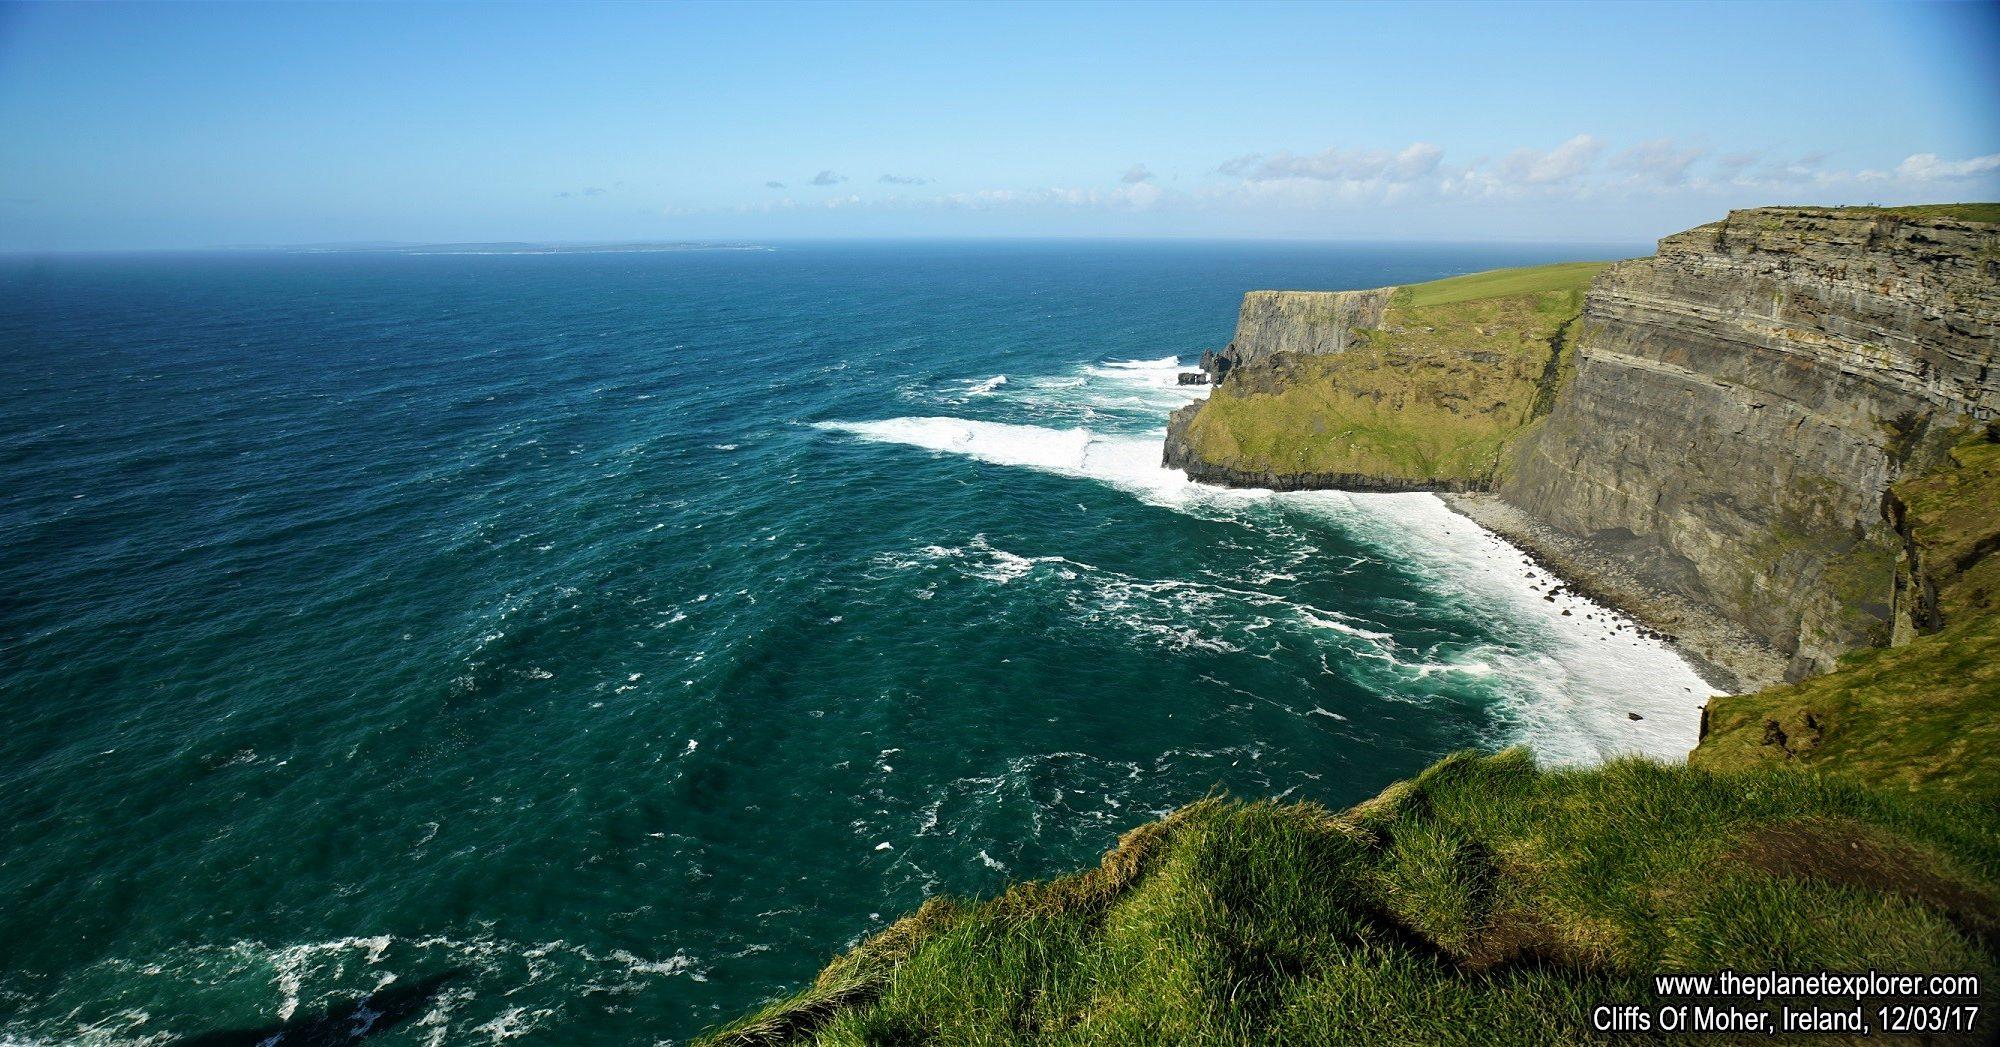 2017-03-12_1506_Ireland_Cliffs Of Moher_DSC07638_s7R2_LR_@www